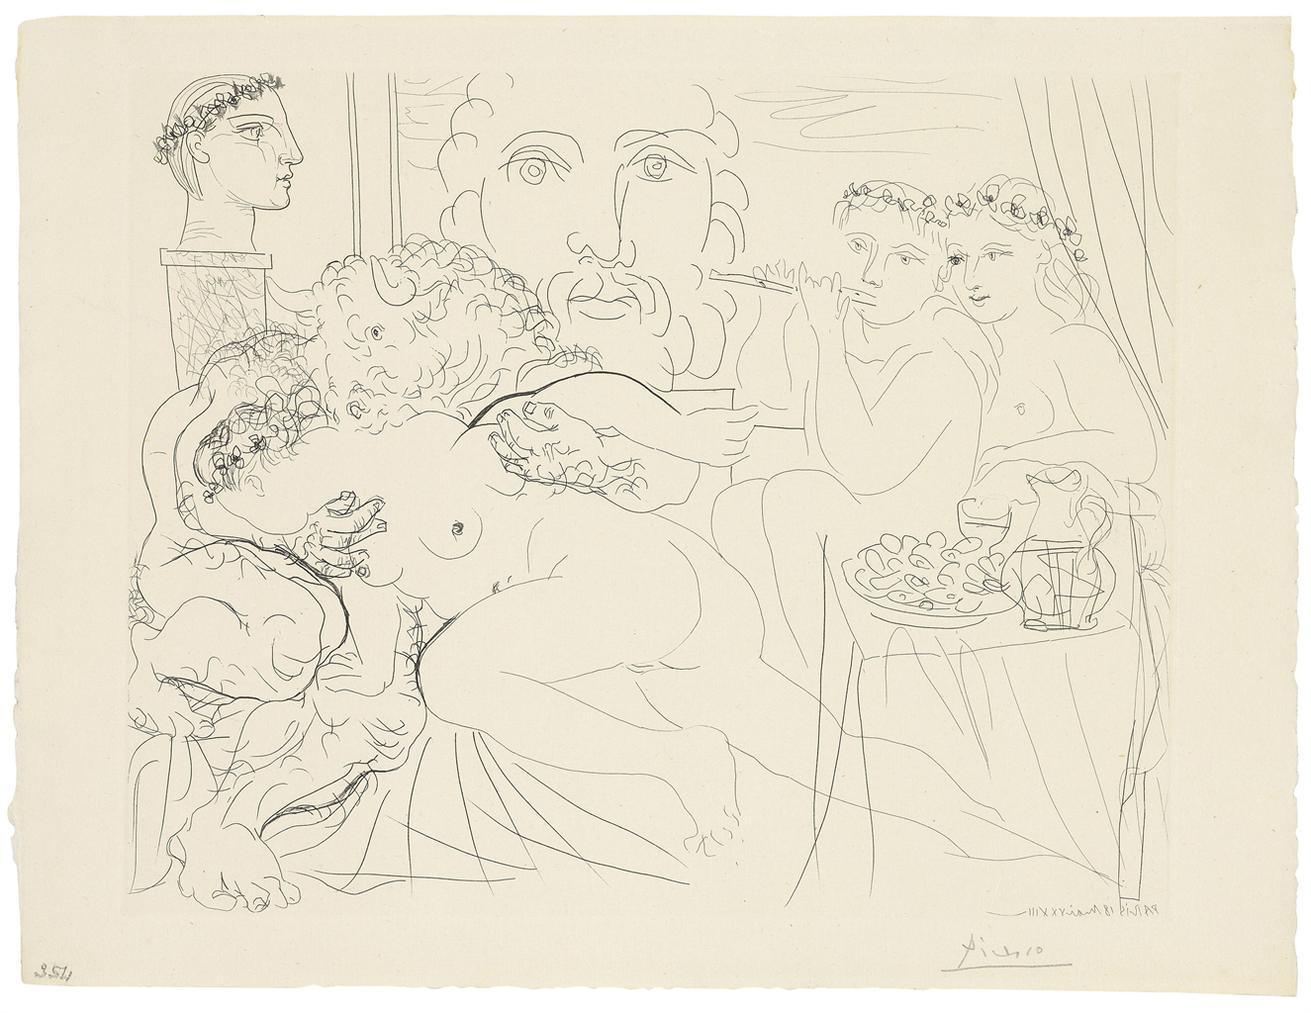 Pablo Picasso-Minotaure Caressant Une Femme, From: La Suite Vollard-1933